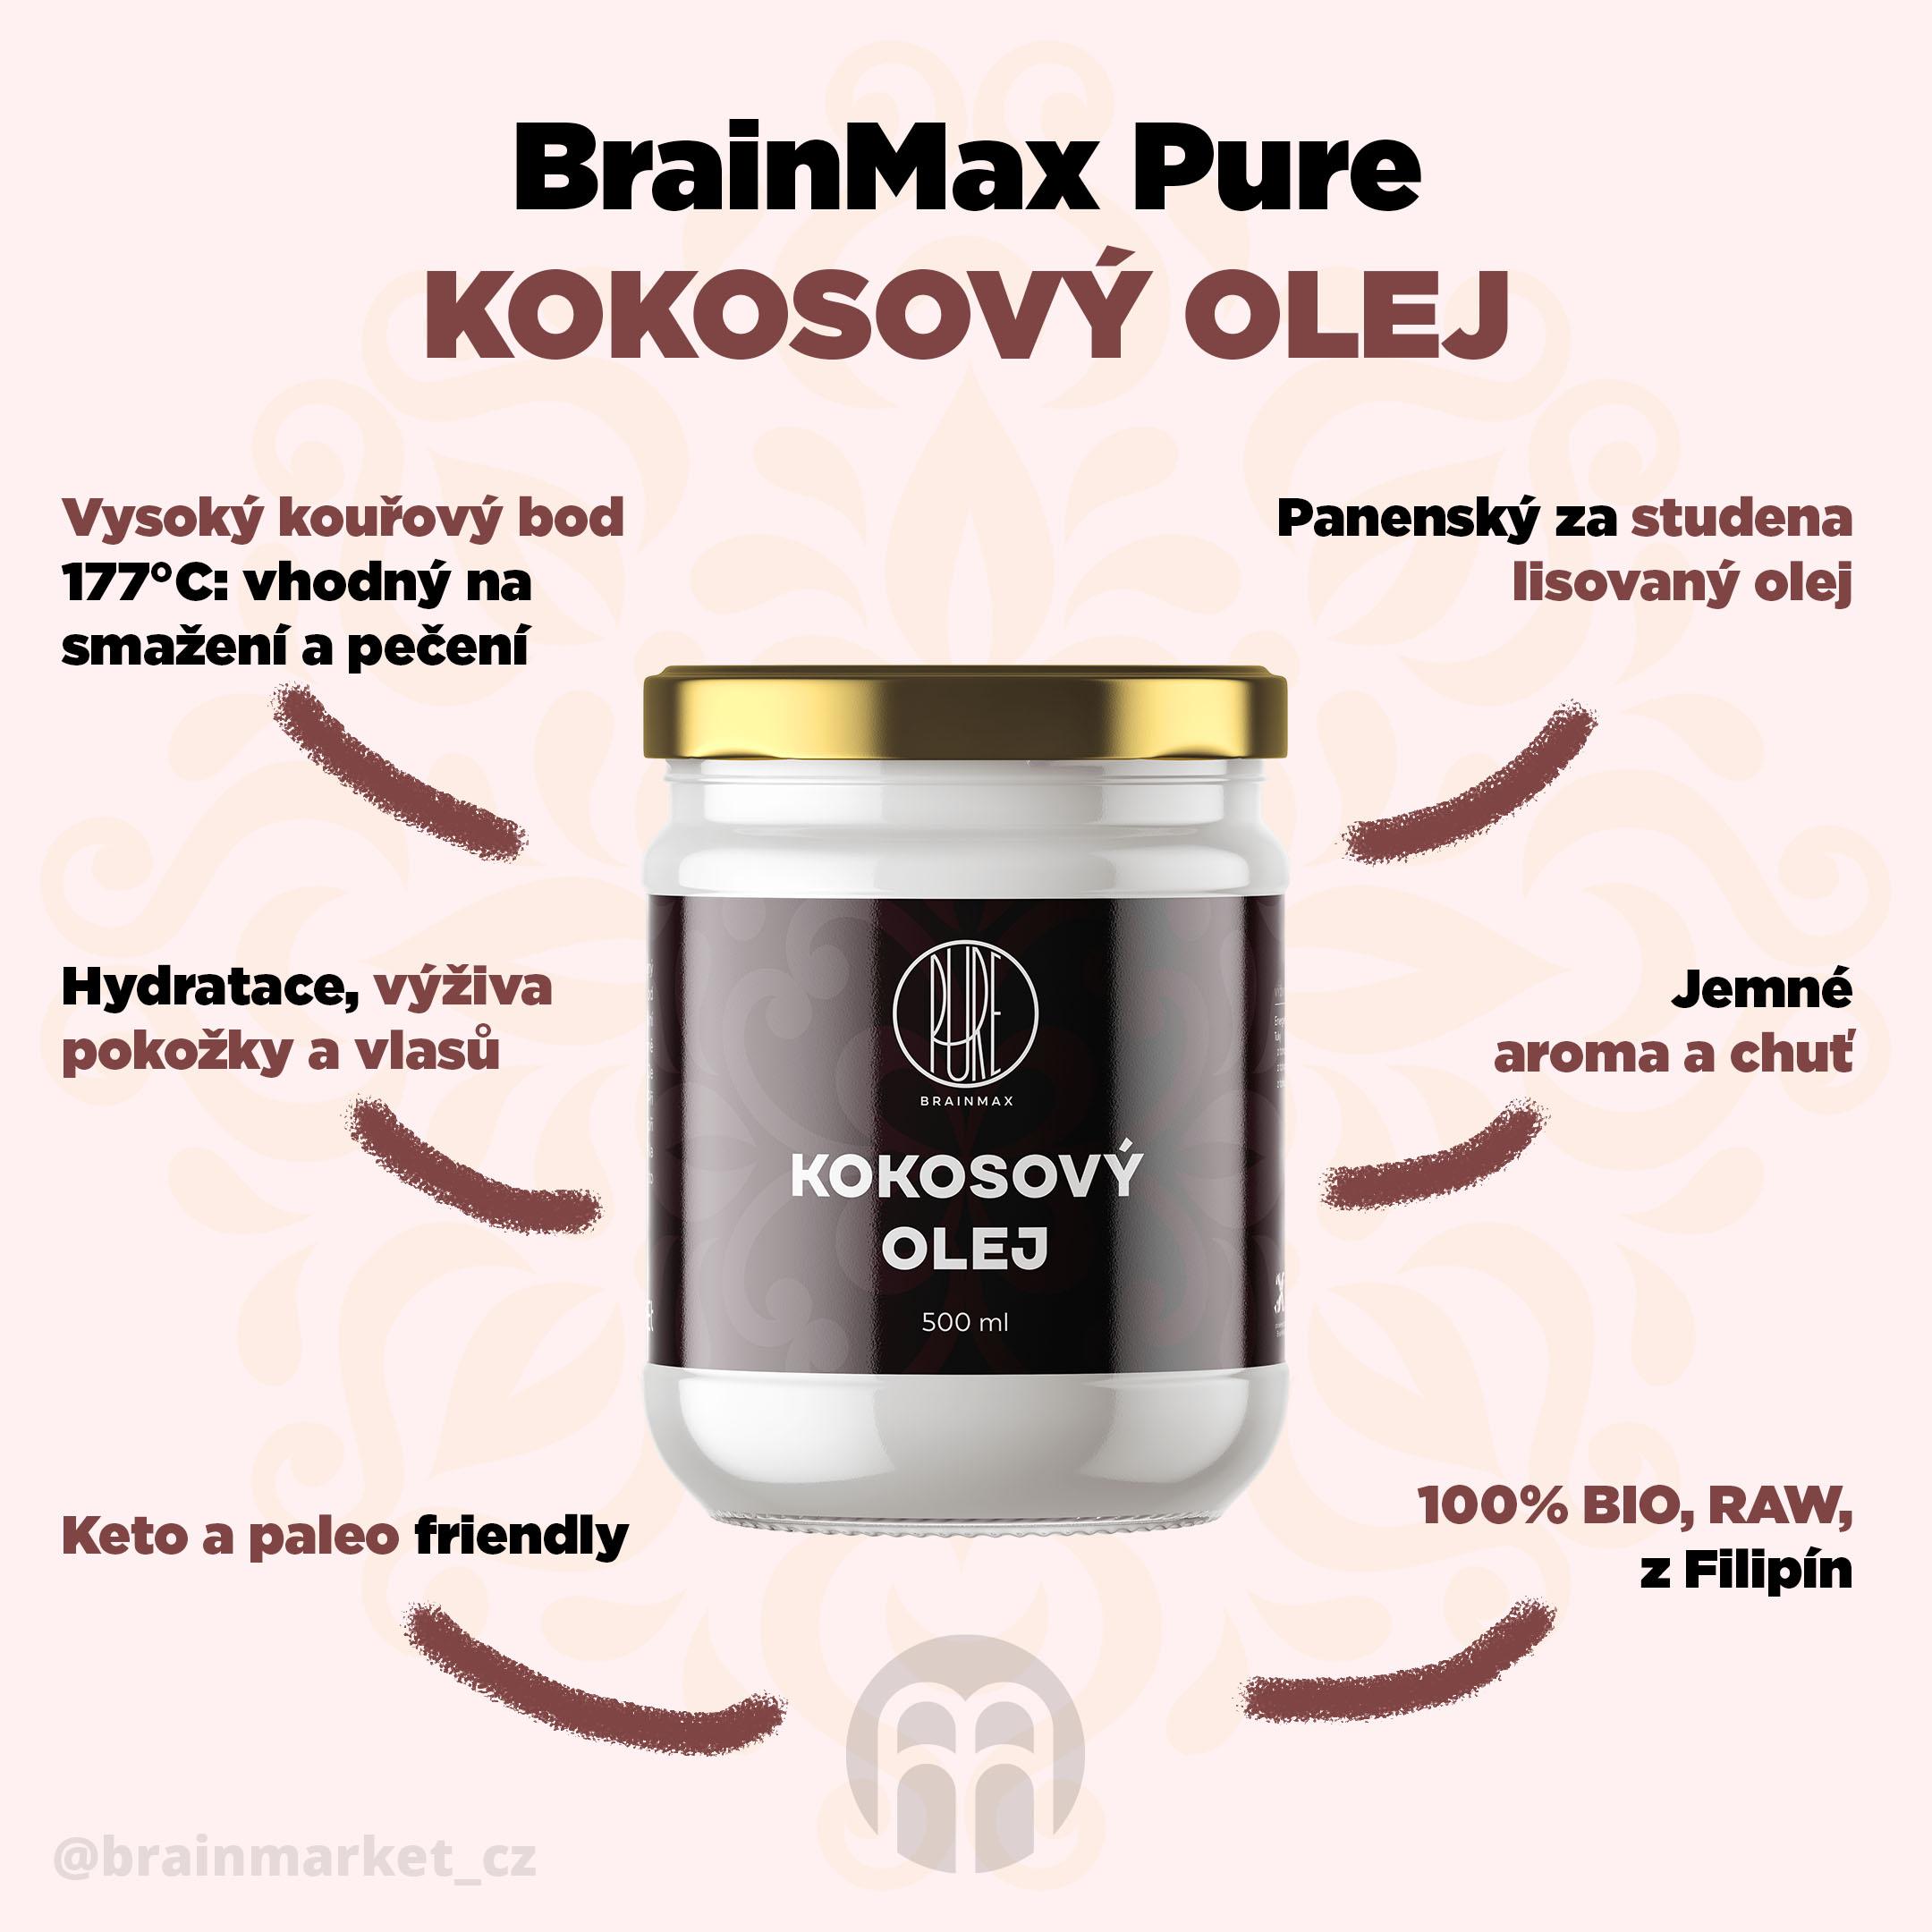 kokosovy-olej-infografika-brainmarket-cz